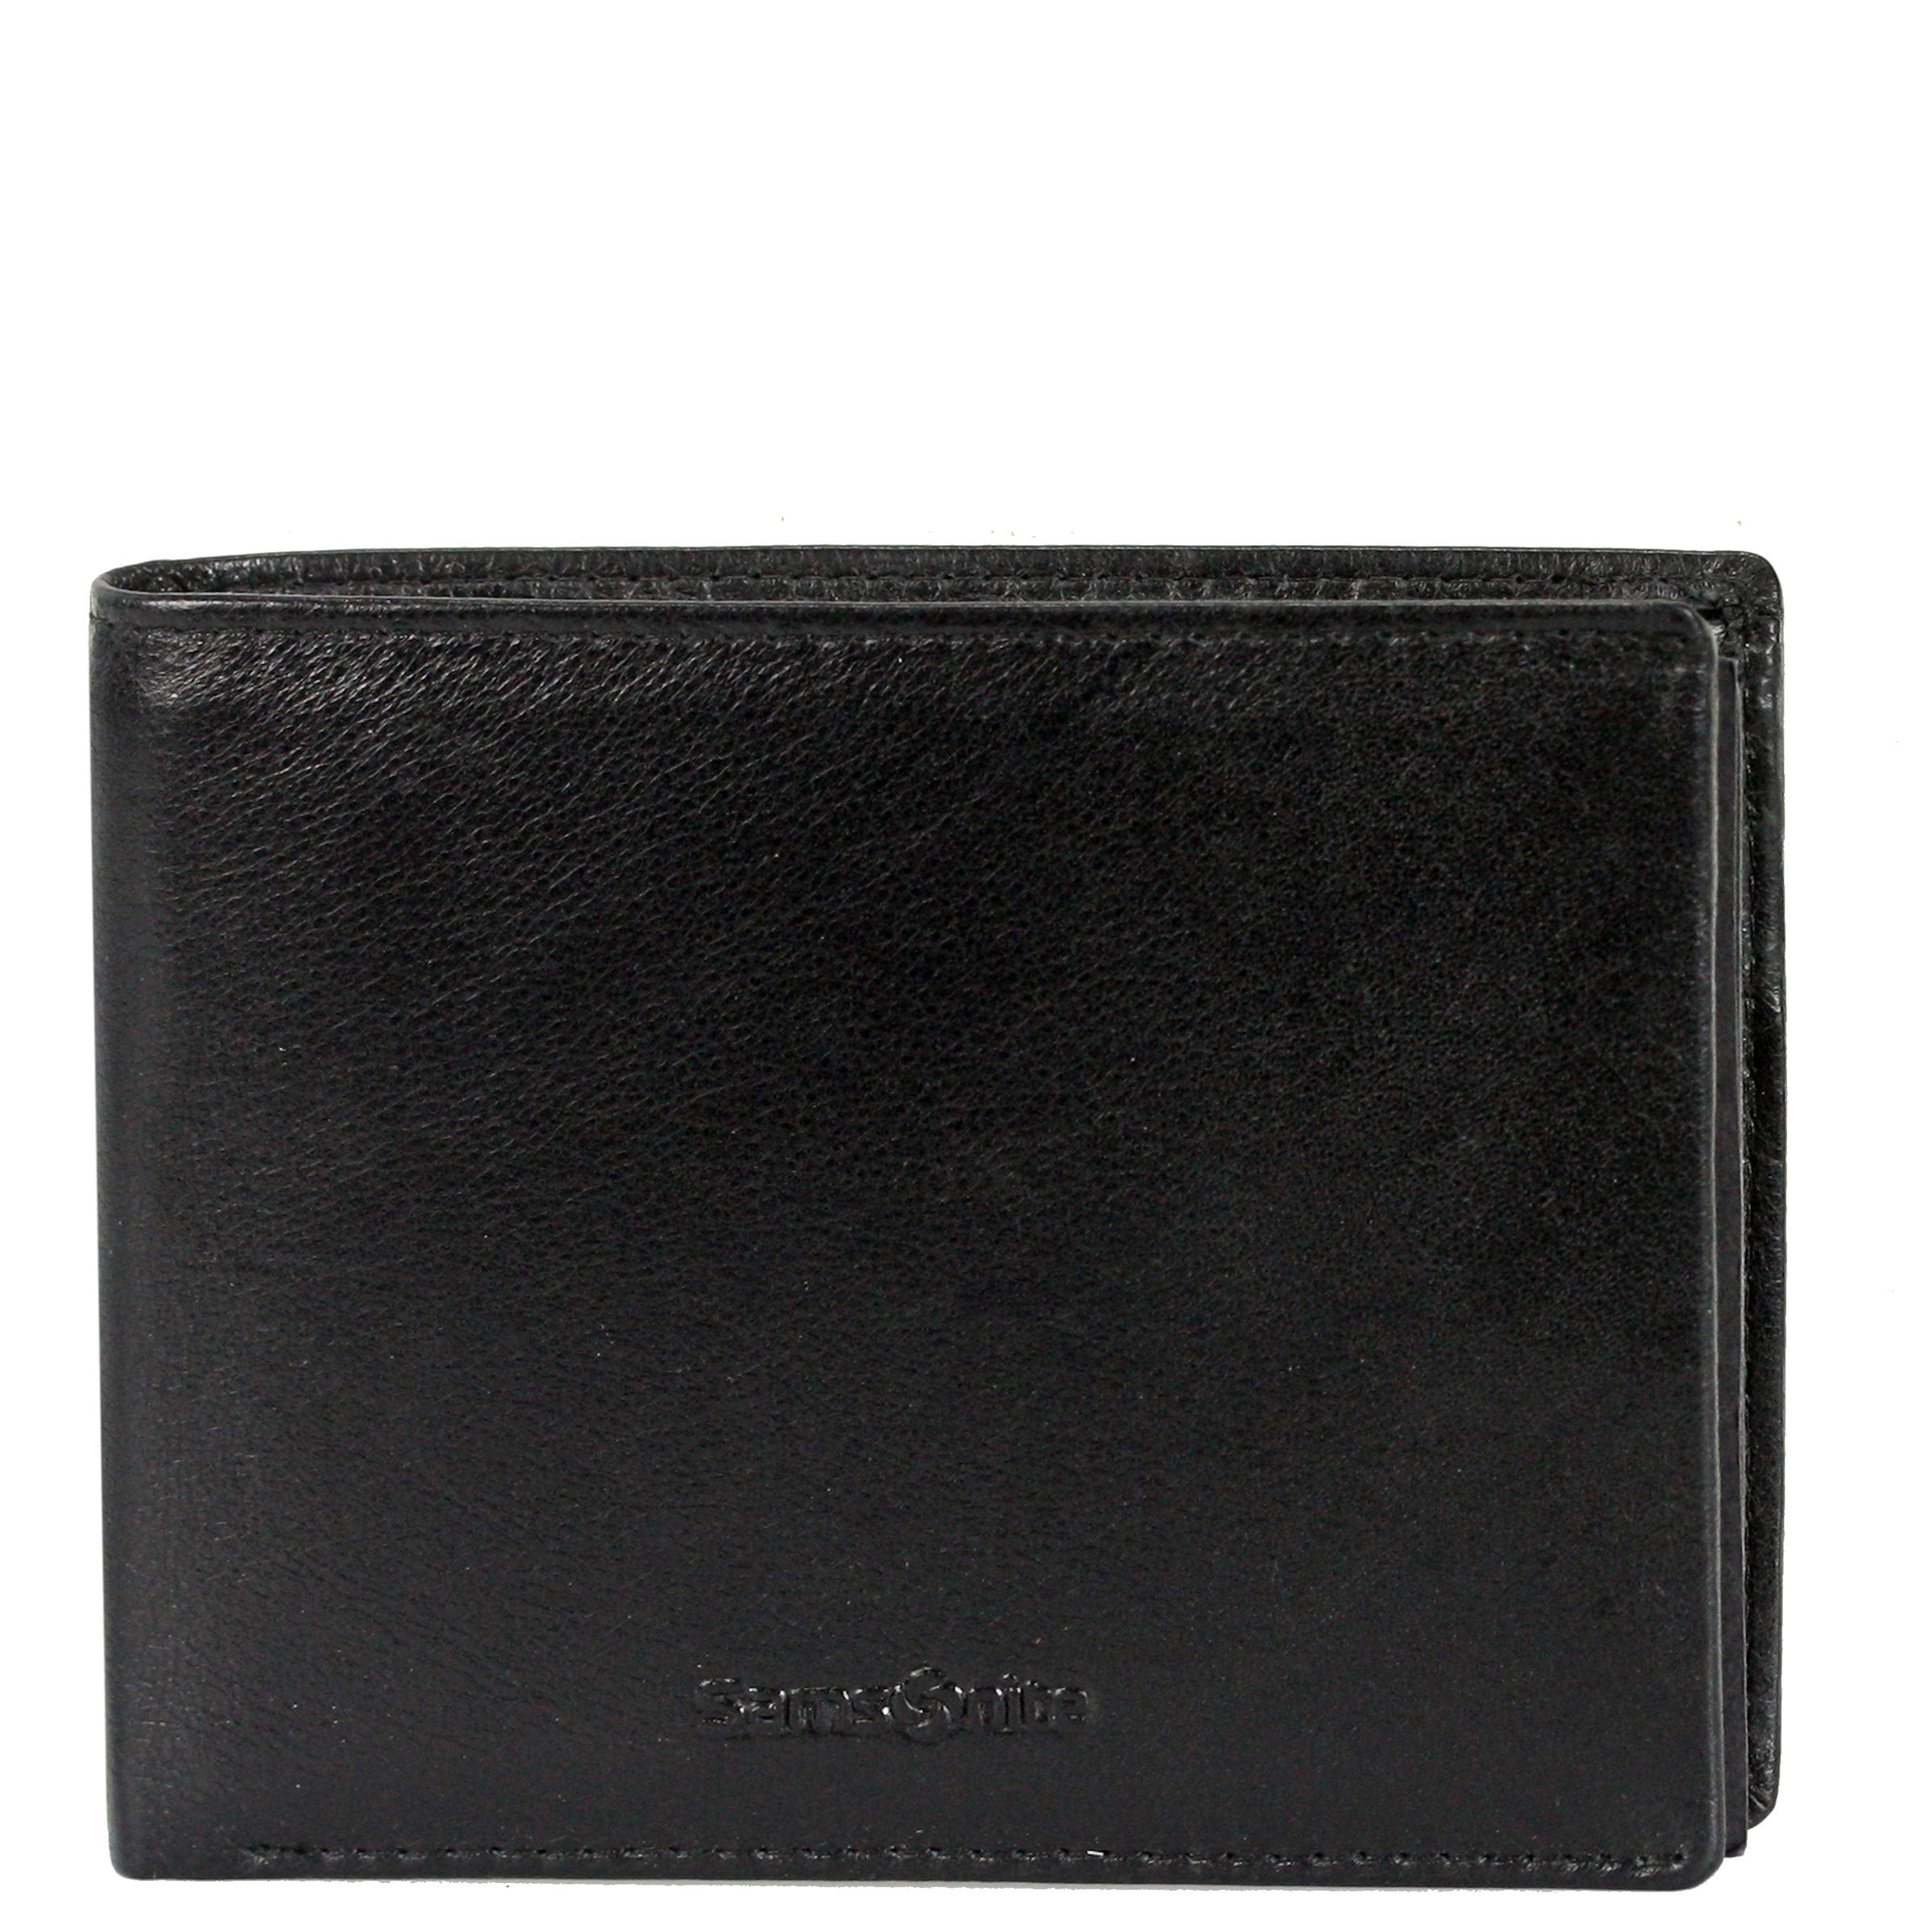 Erstaunlicher Preis Zu Verkaufen SAMSONITE Success SLG Geldbörse IV Leder 10 cm Steckdose Zuverlässig RLKOWmQWQ